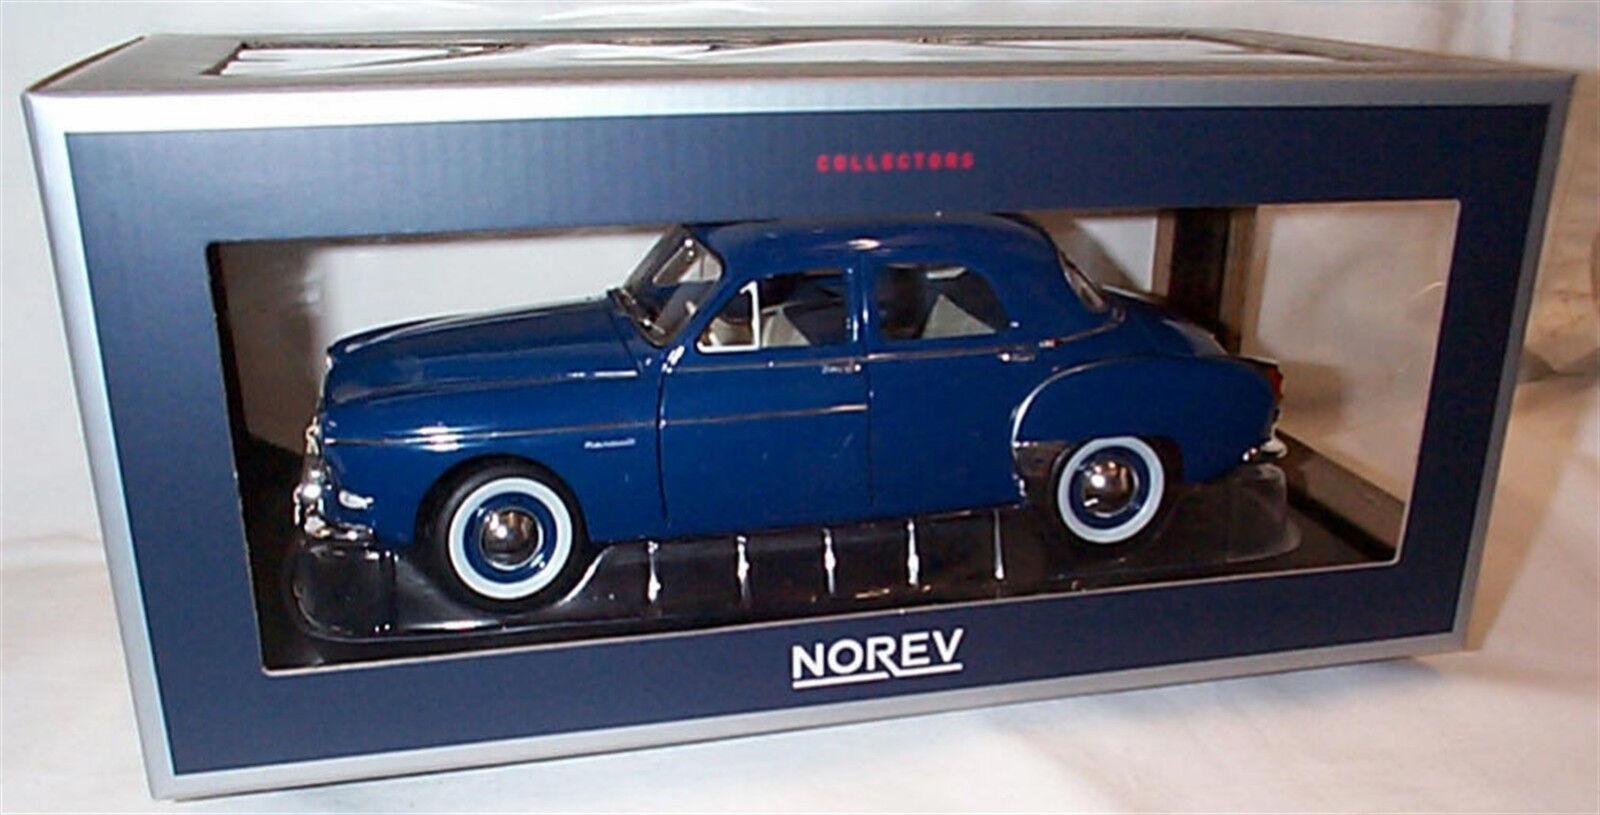 Norev 1 18 Diecast RENAULT FREGATE 1959 CAPRI blu NUOVO IN SCATOLA 185280